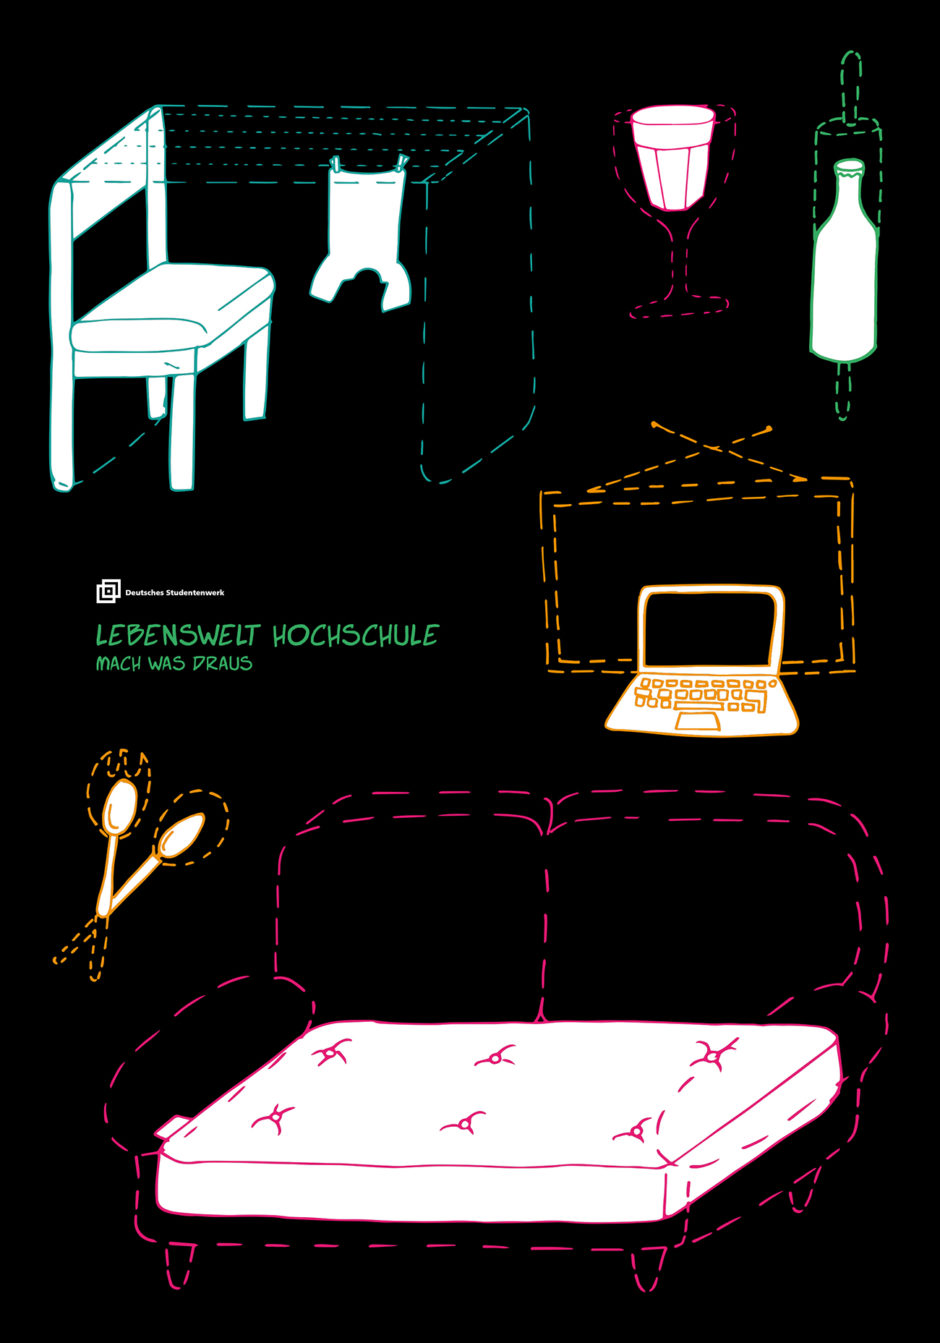 lebenswelt hochschule die gewinner des 31 plakatwettbewerb des deutschen studentenwerks page. Black Bedroom Furniture Sets. Home Design Ideas